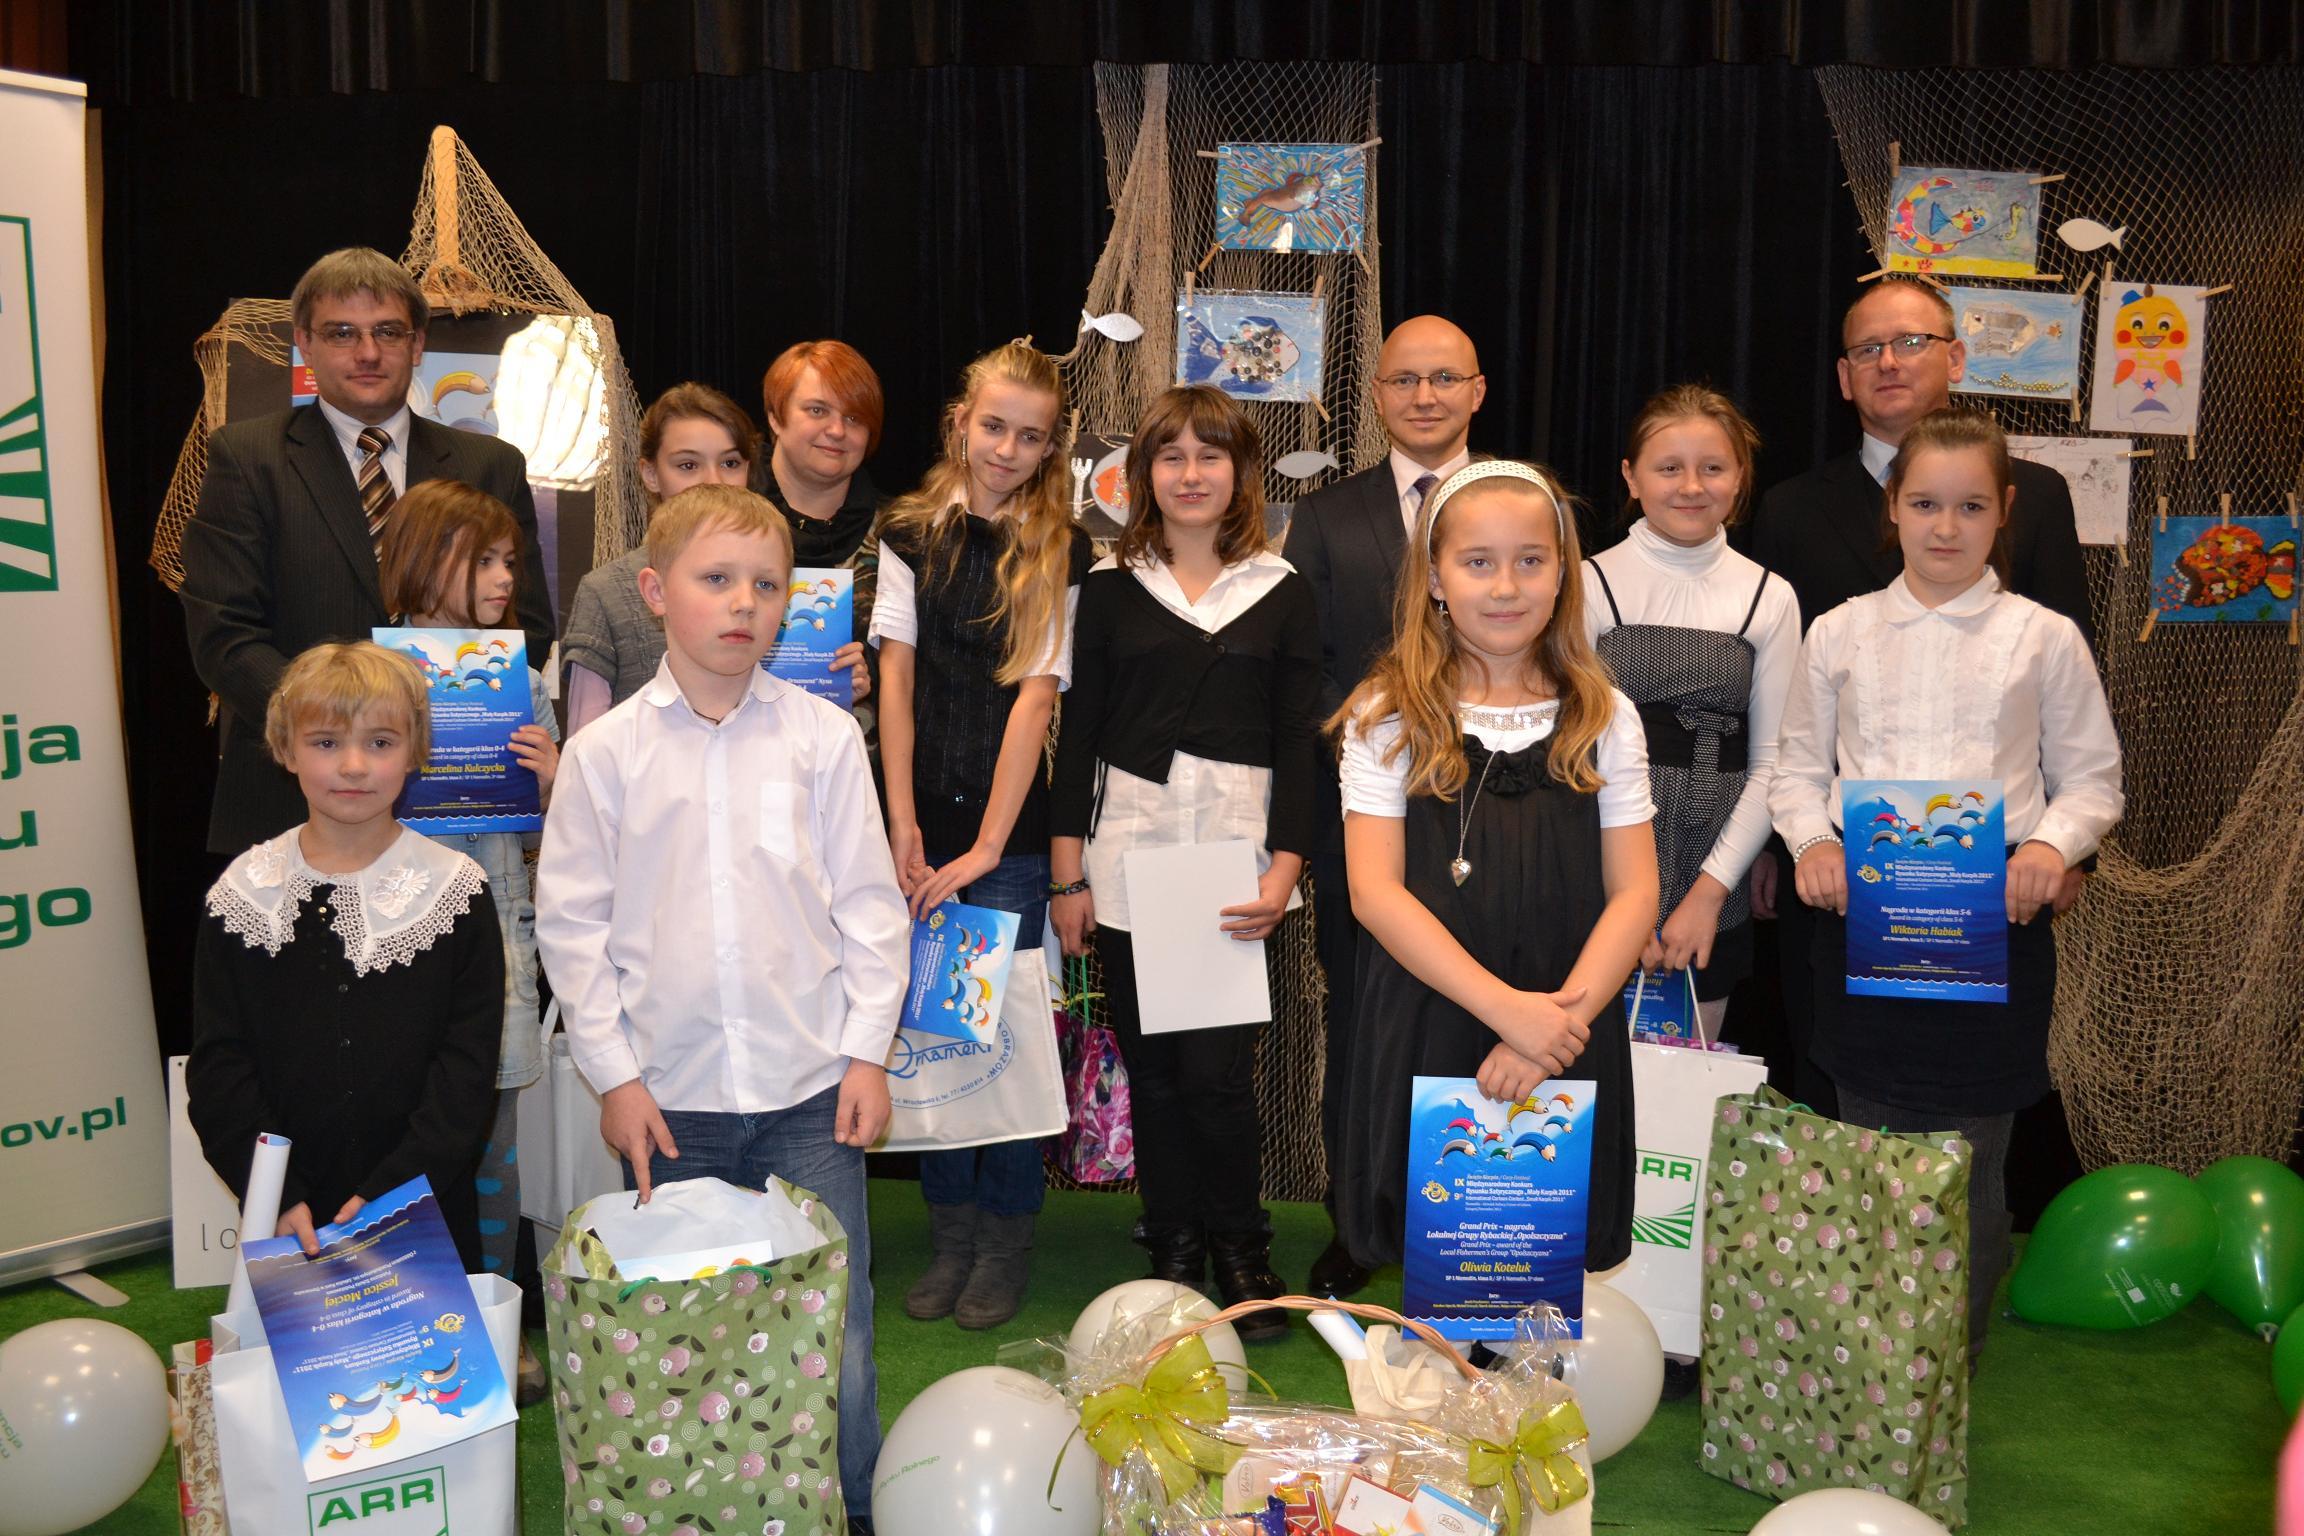 Laureaci, sponsorzy i jurorzy konkursu Mały Karpik